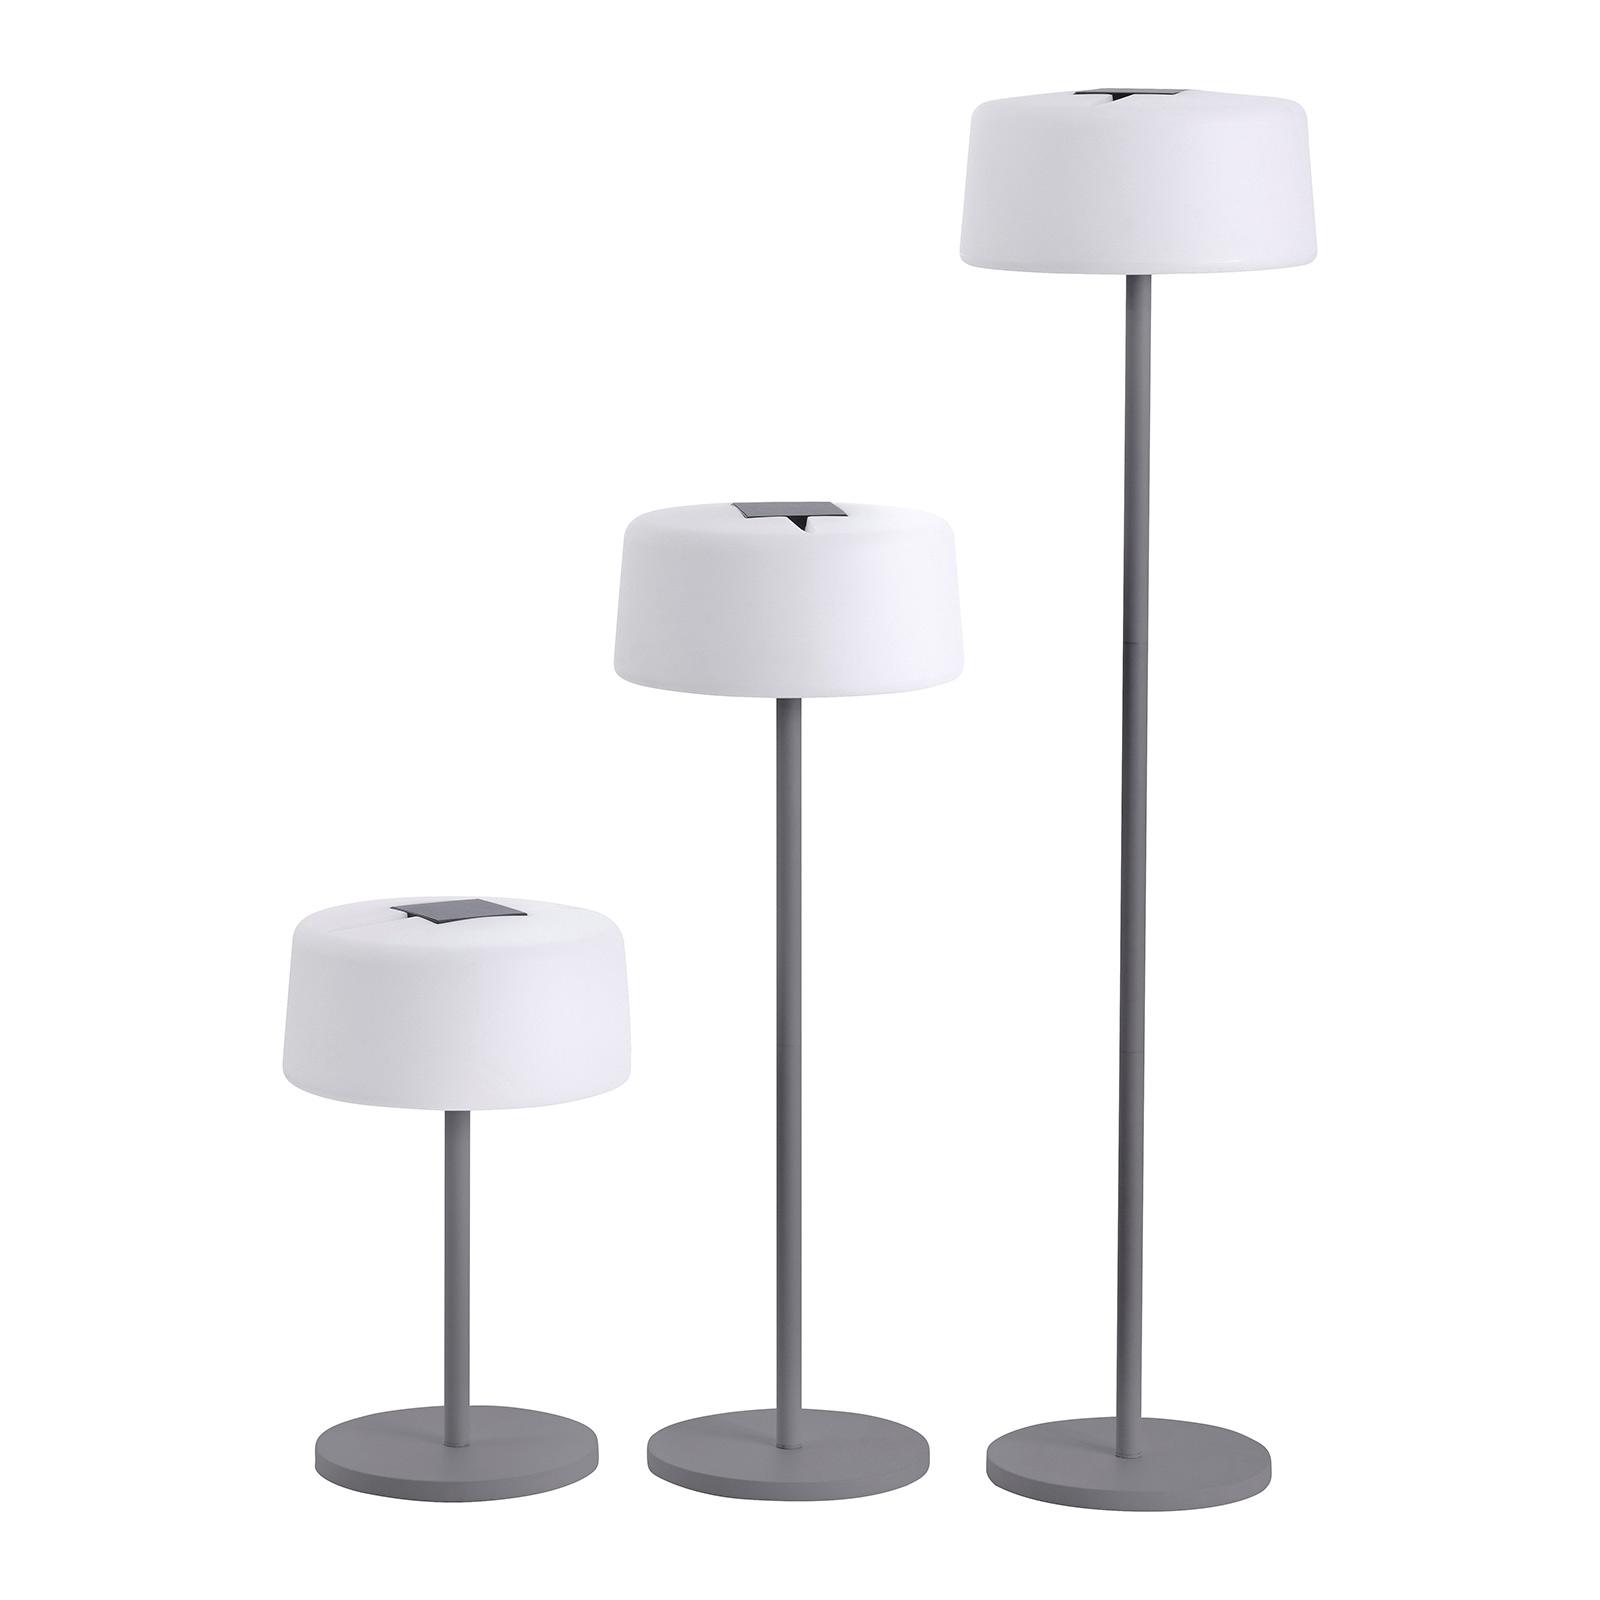 Bump solc.-gulvlampe, 3 høyder, sensor, antrasitt